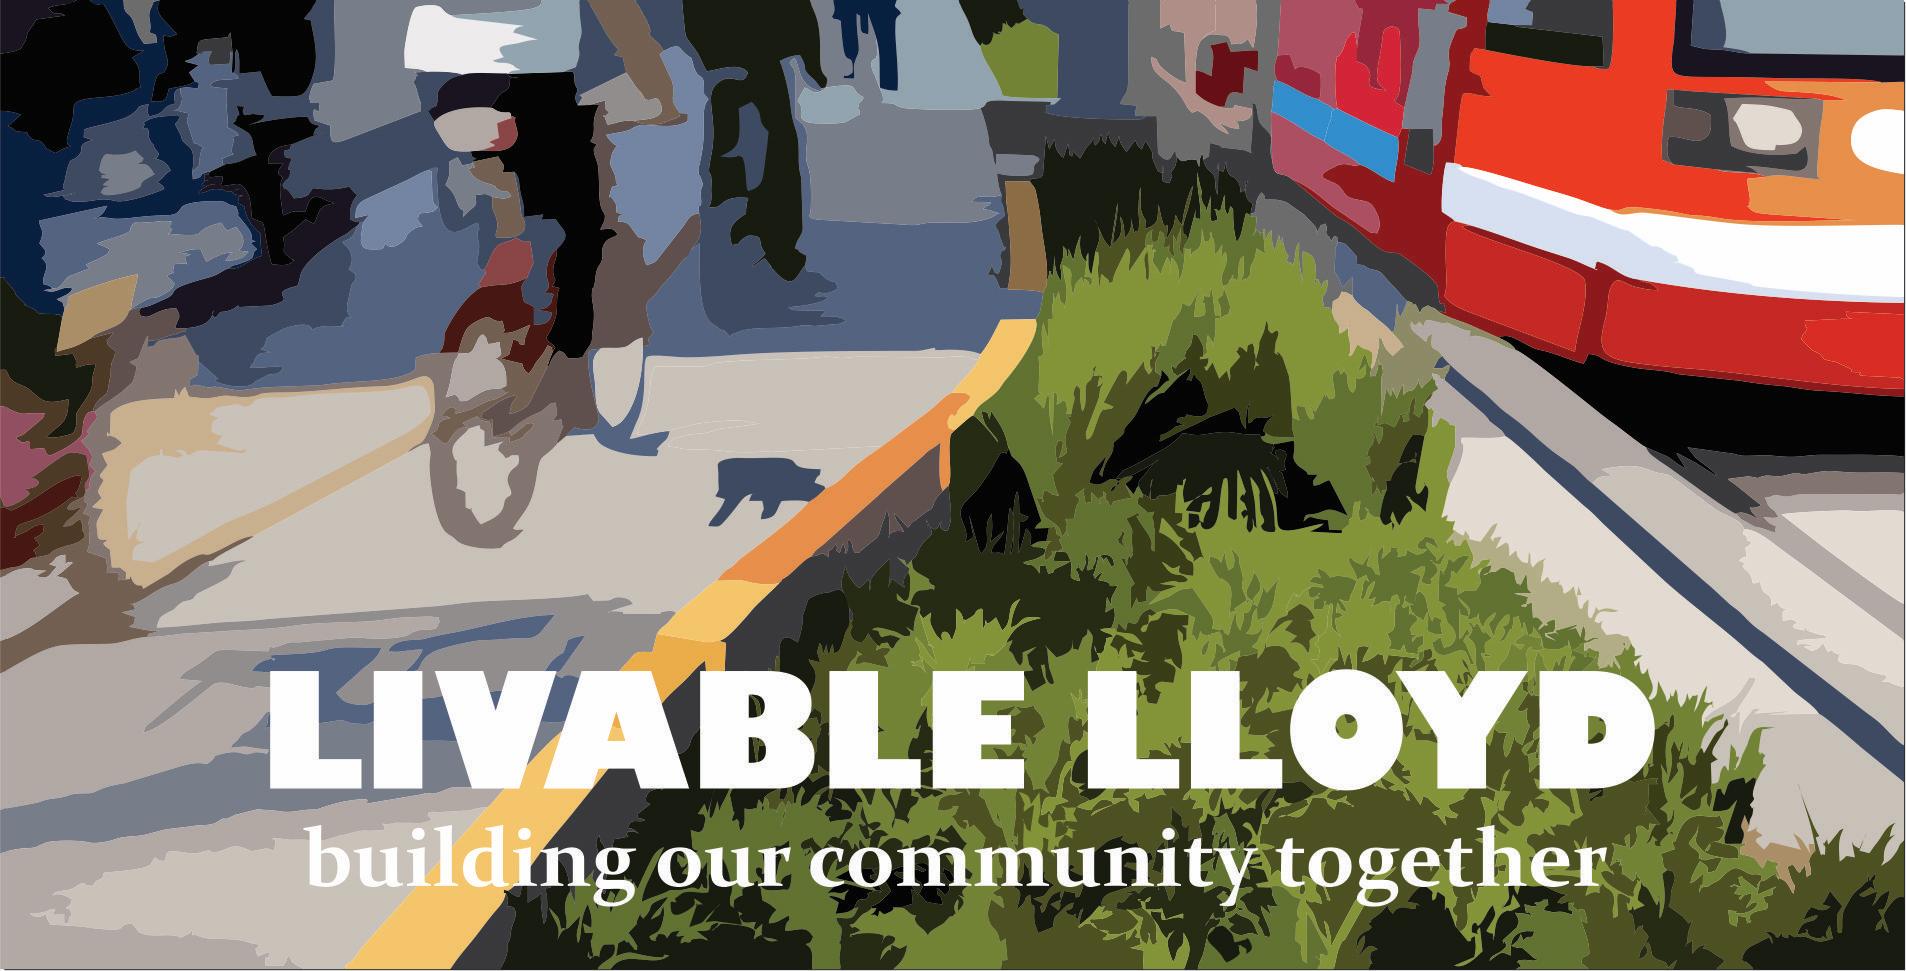 Livable Lloyd Banner Image.png